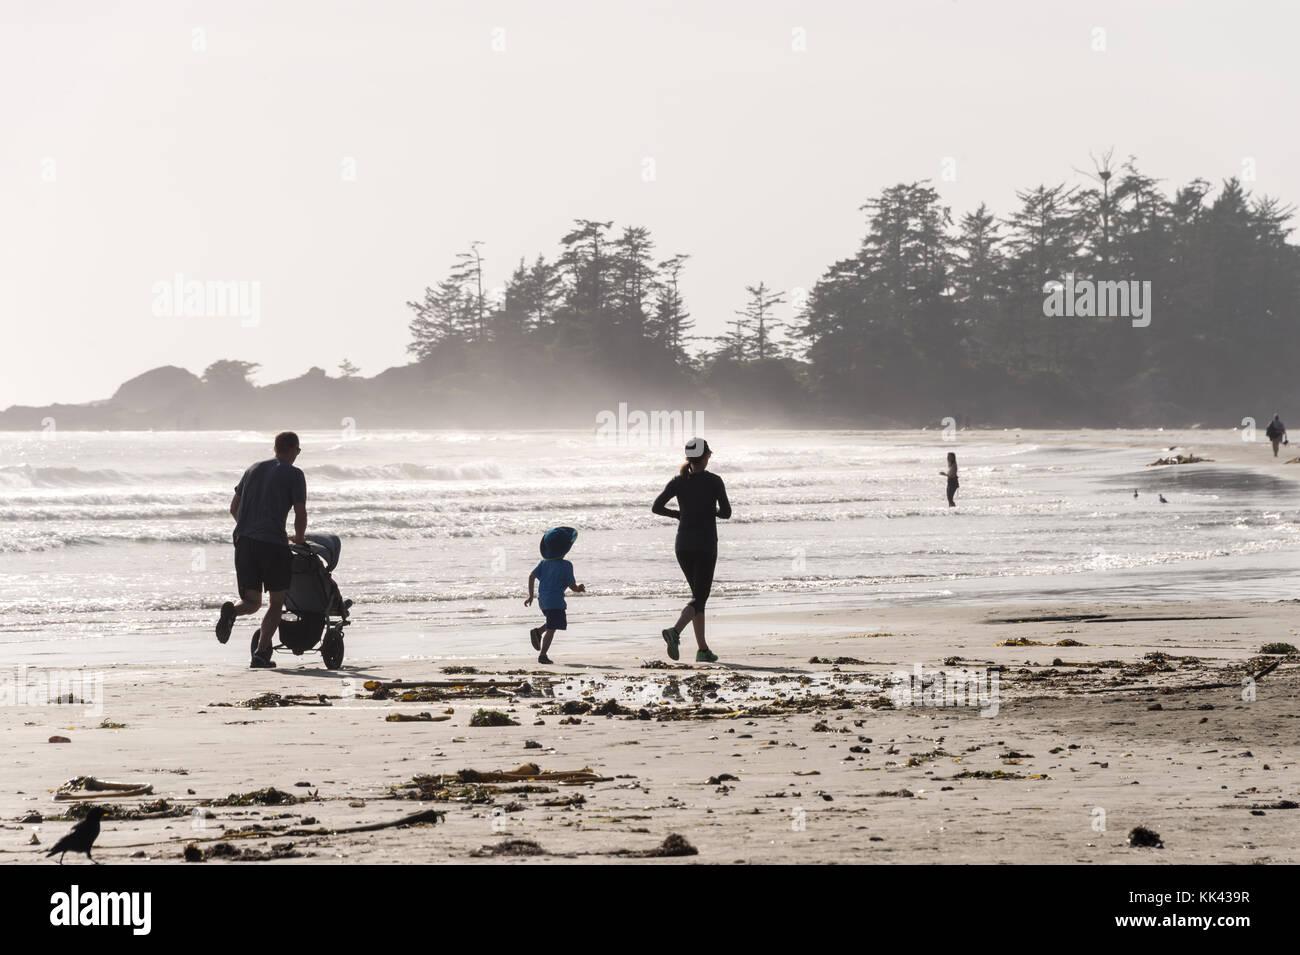 Chesterman Beach in der Nähe von Tofino, BC, Kanada (September 2017) - Familie laufen auf Sand. Stockbild